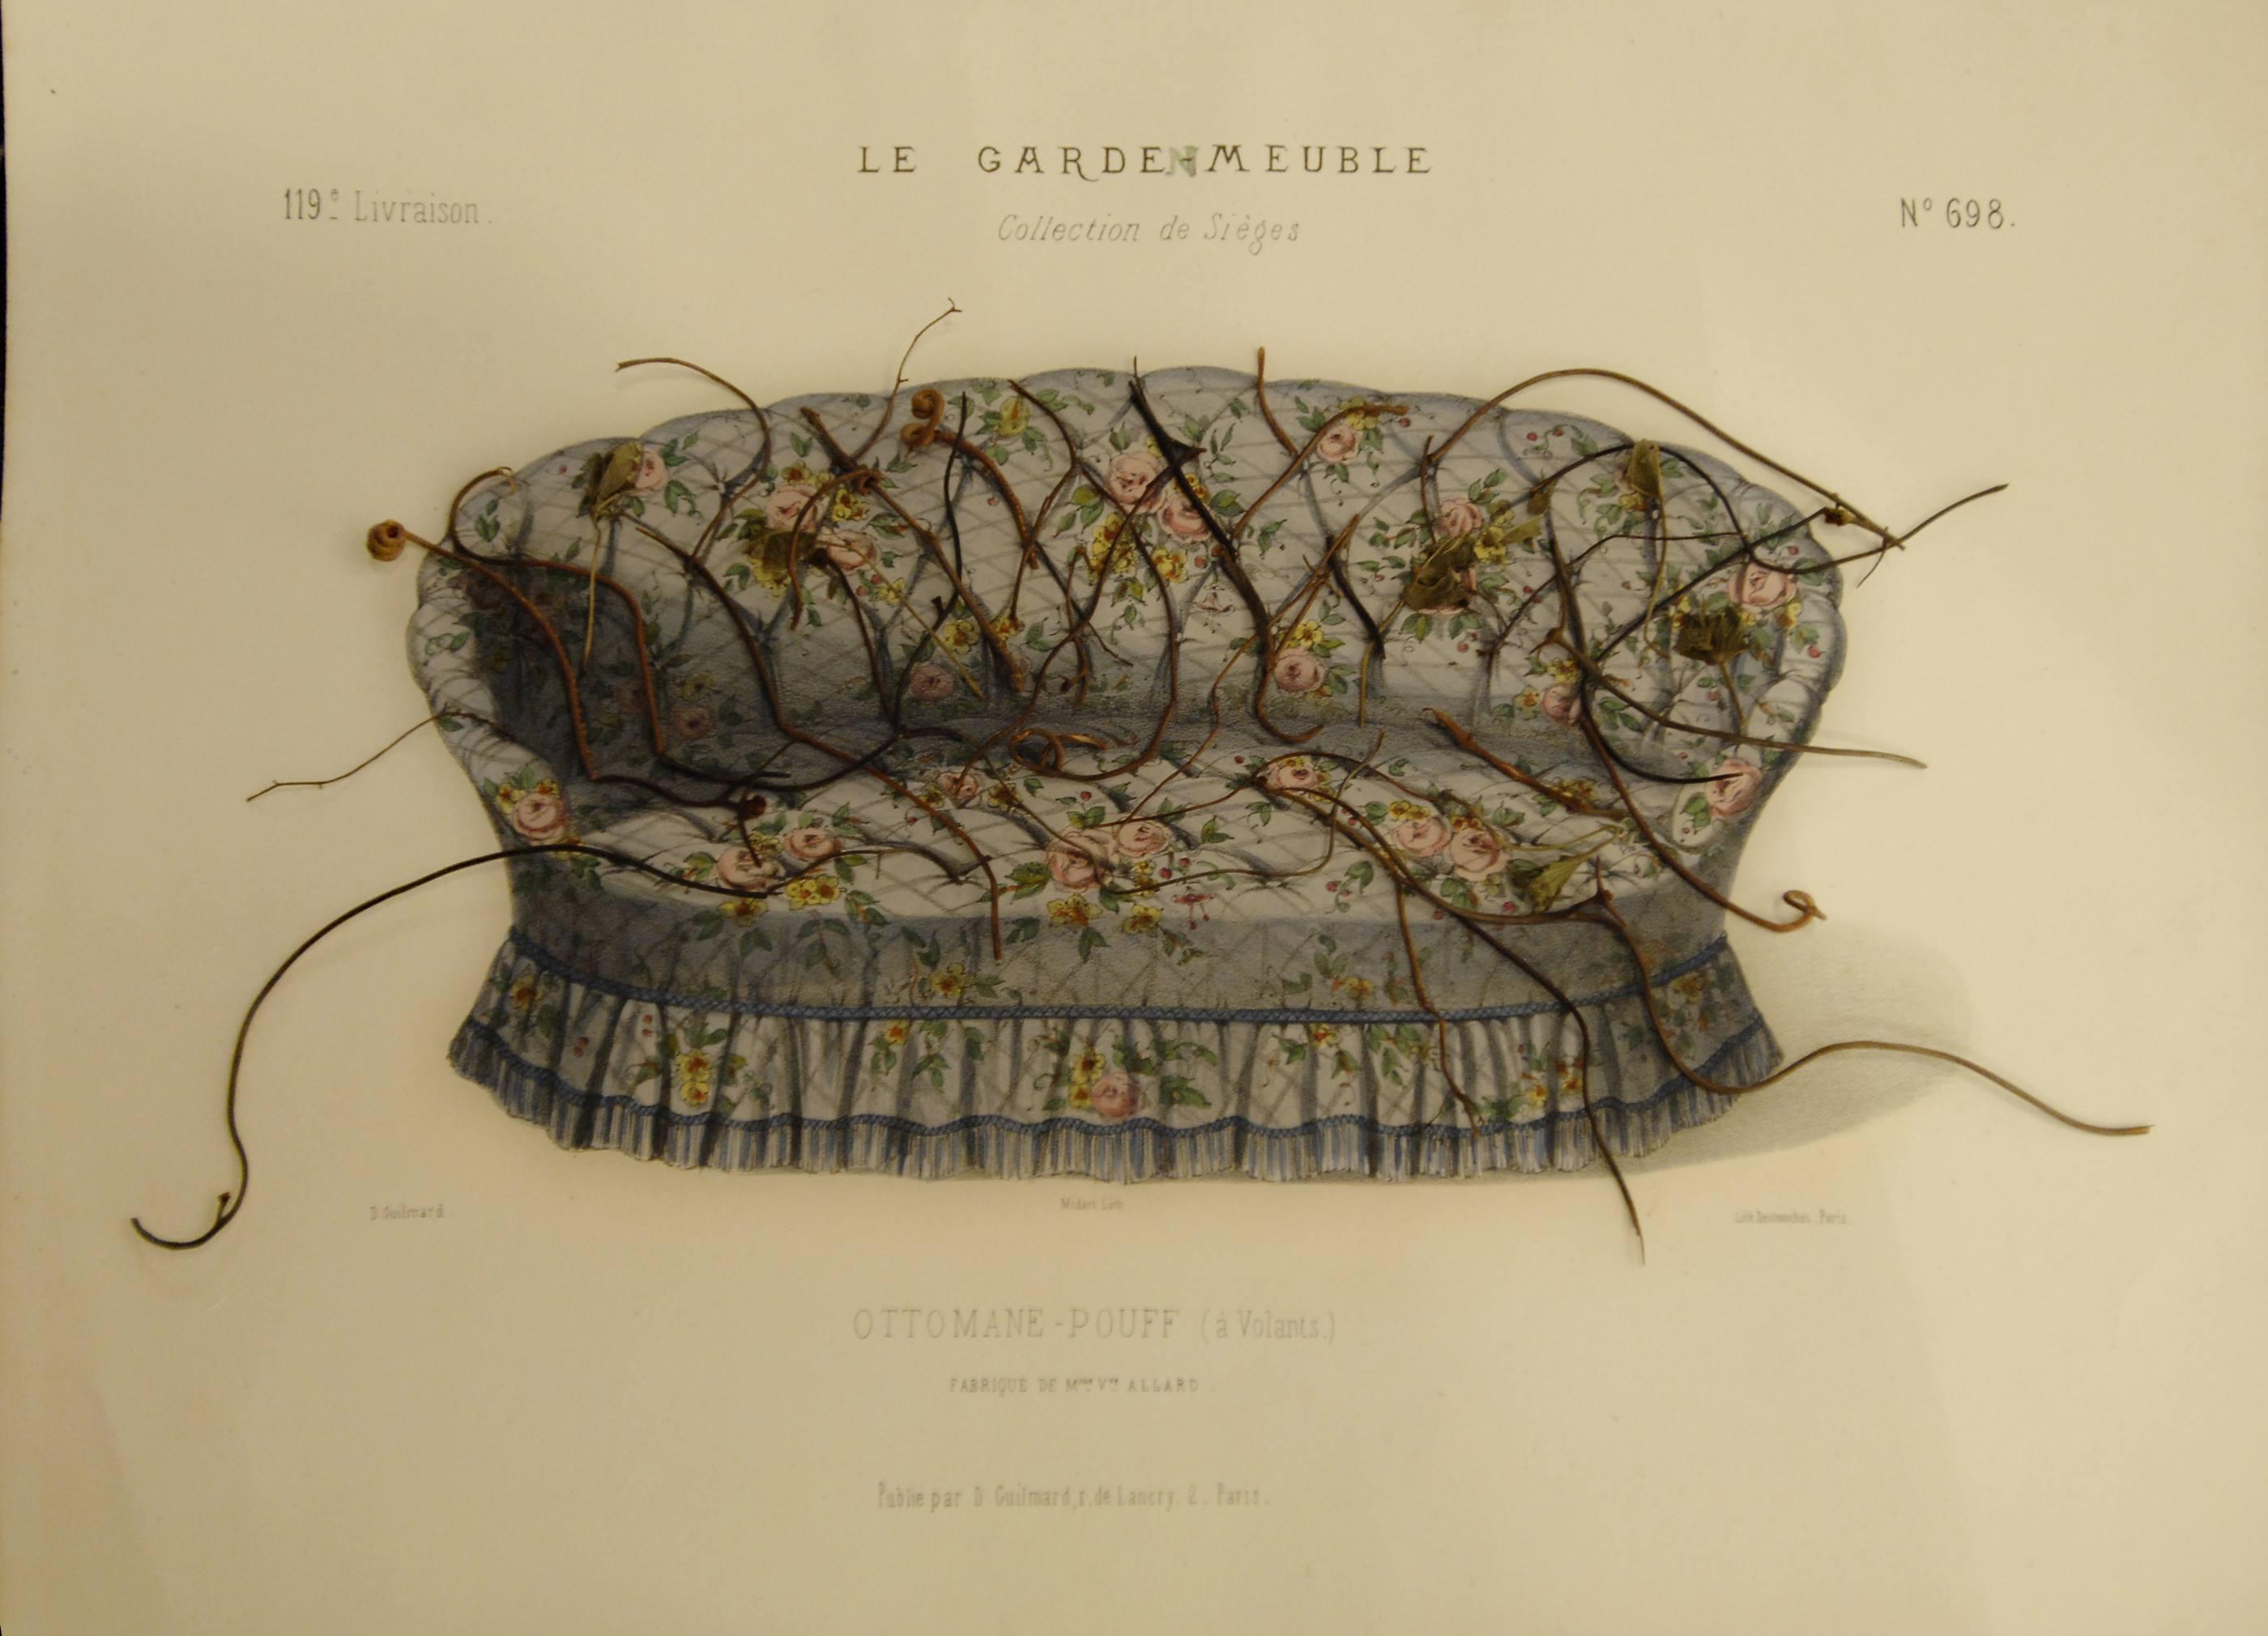 Le garden mueble, 2015<br/>Tinta, dibujo y espinas de puercoespín.